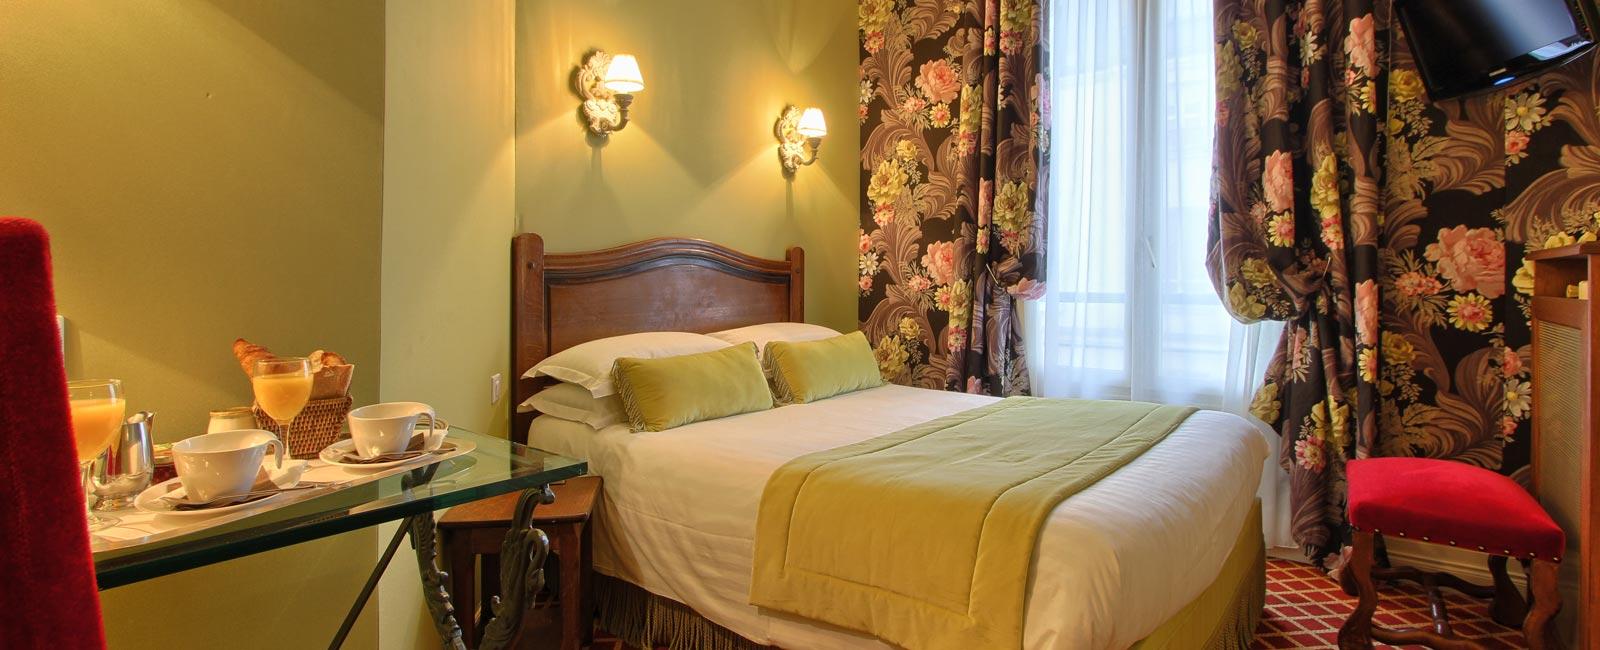 Hôtel des Marronniers Paris Centre: Nos Chambres confortables et ...